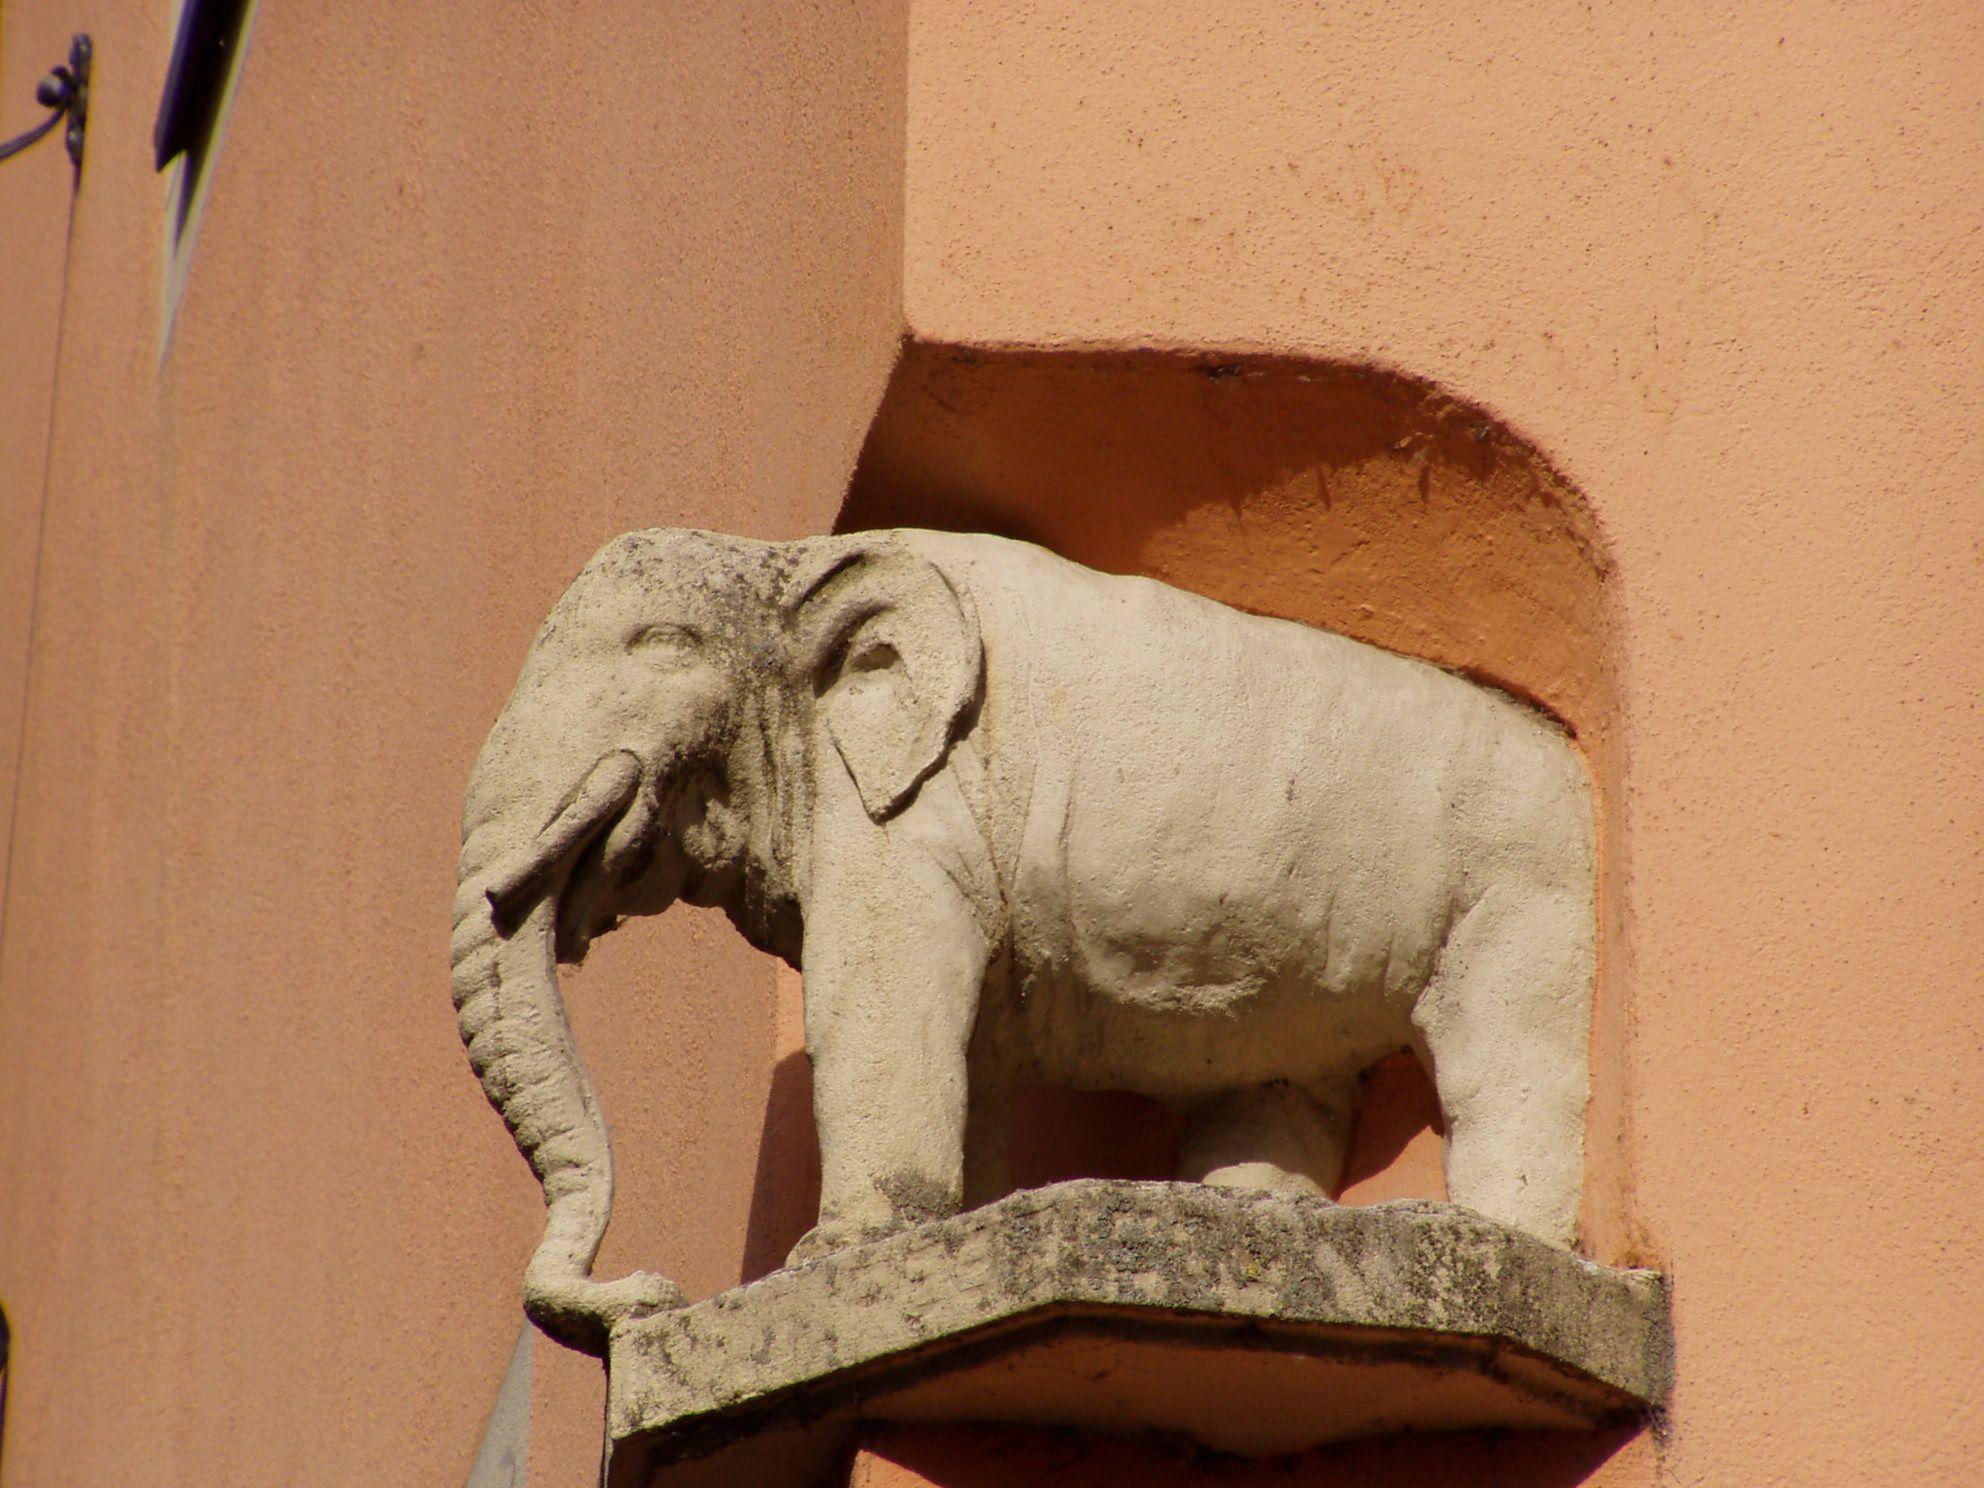 Ein Elefant, unterwegs auf Reisen getroffen...